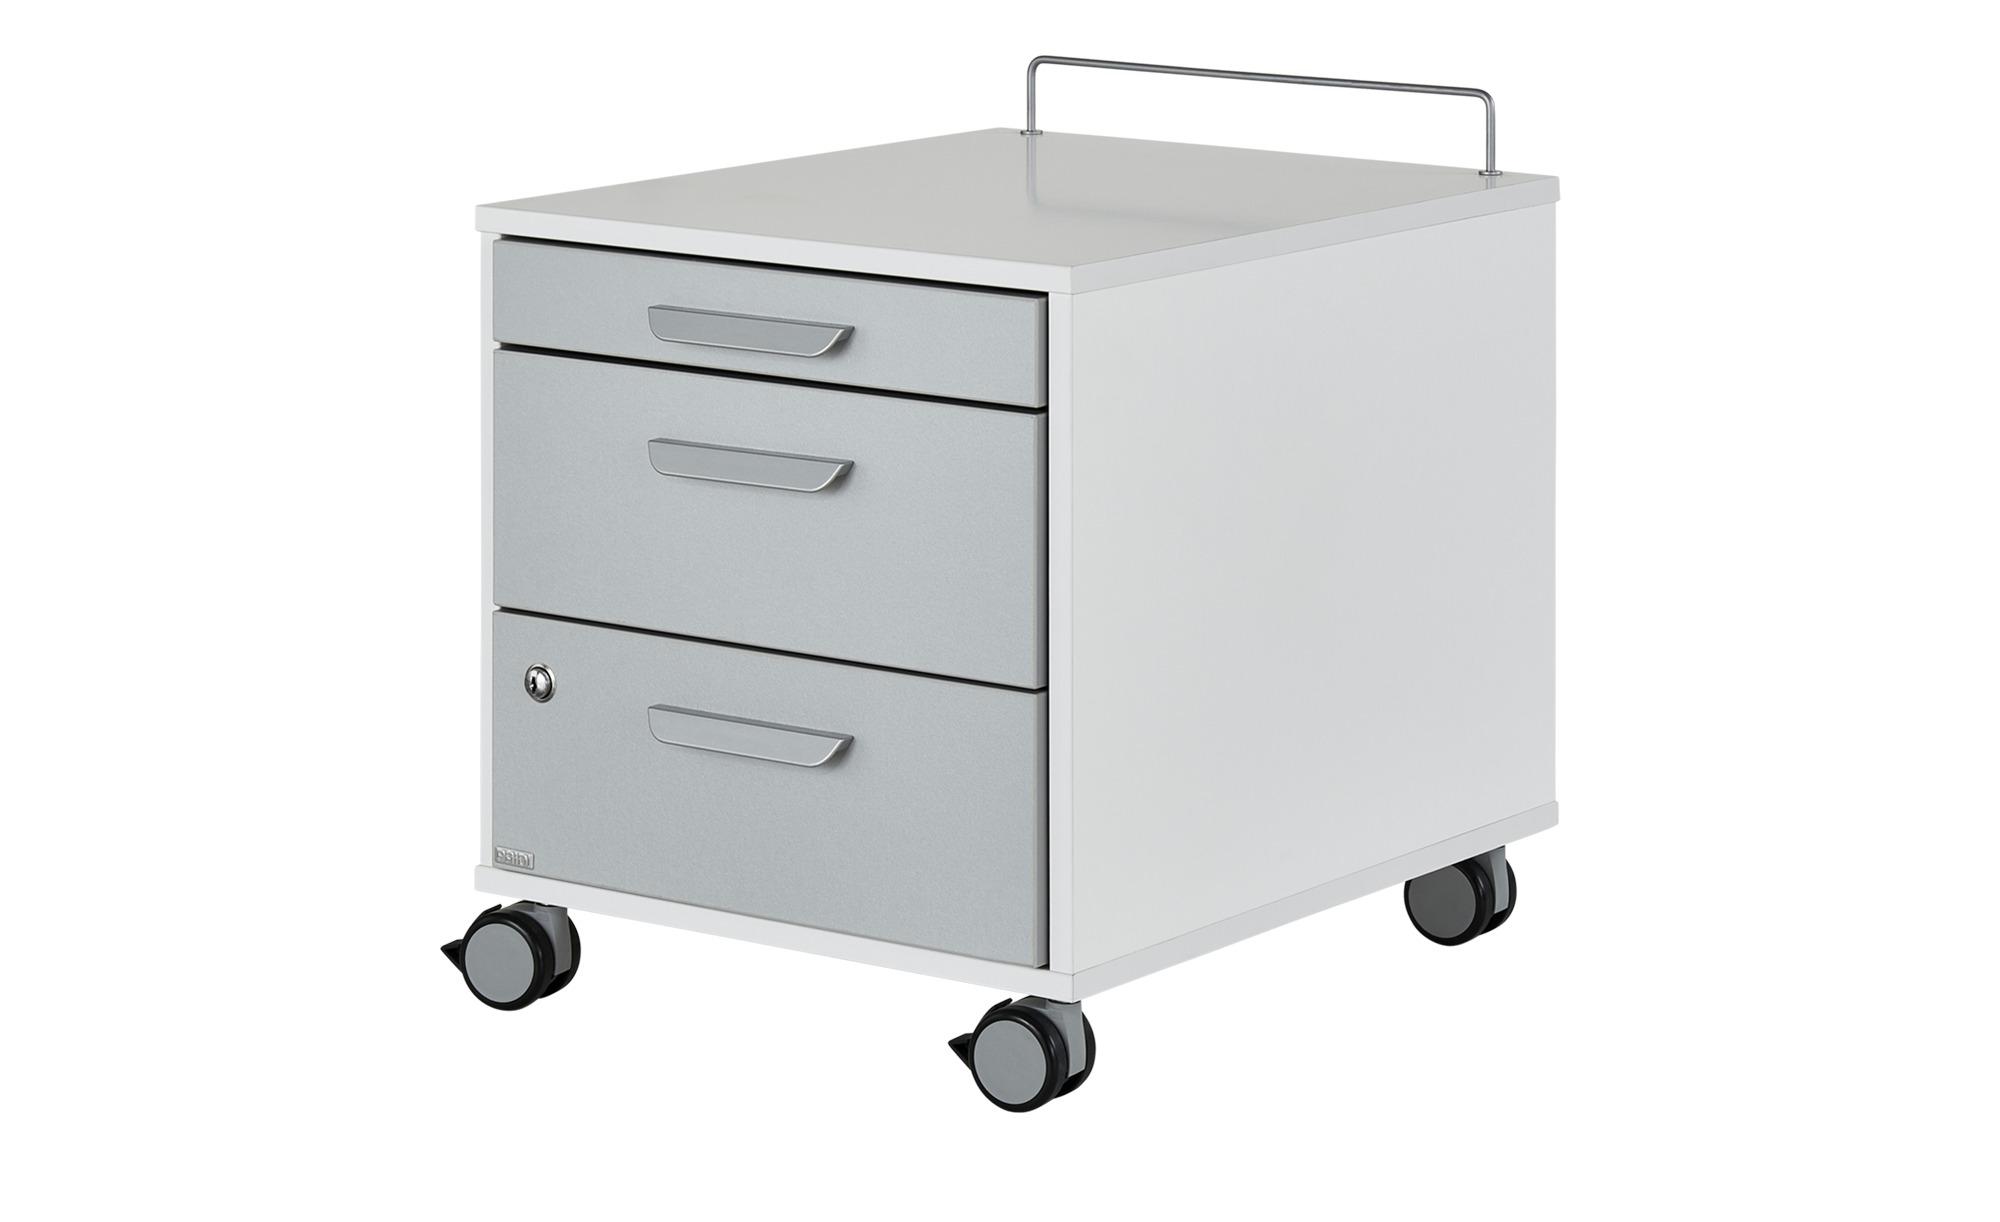 PAIDI Rollcontainer - weiß - 44,4 cm - 51,2 cm - 54,7 cm - Schränke > Rollcontainer - Möbel Kraft | Büro > Büroschränke > Rollcontainer | PAIDI